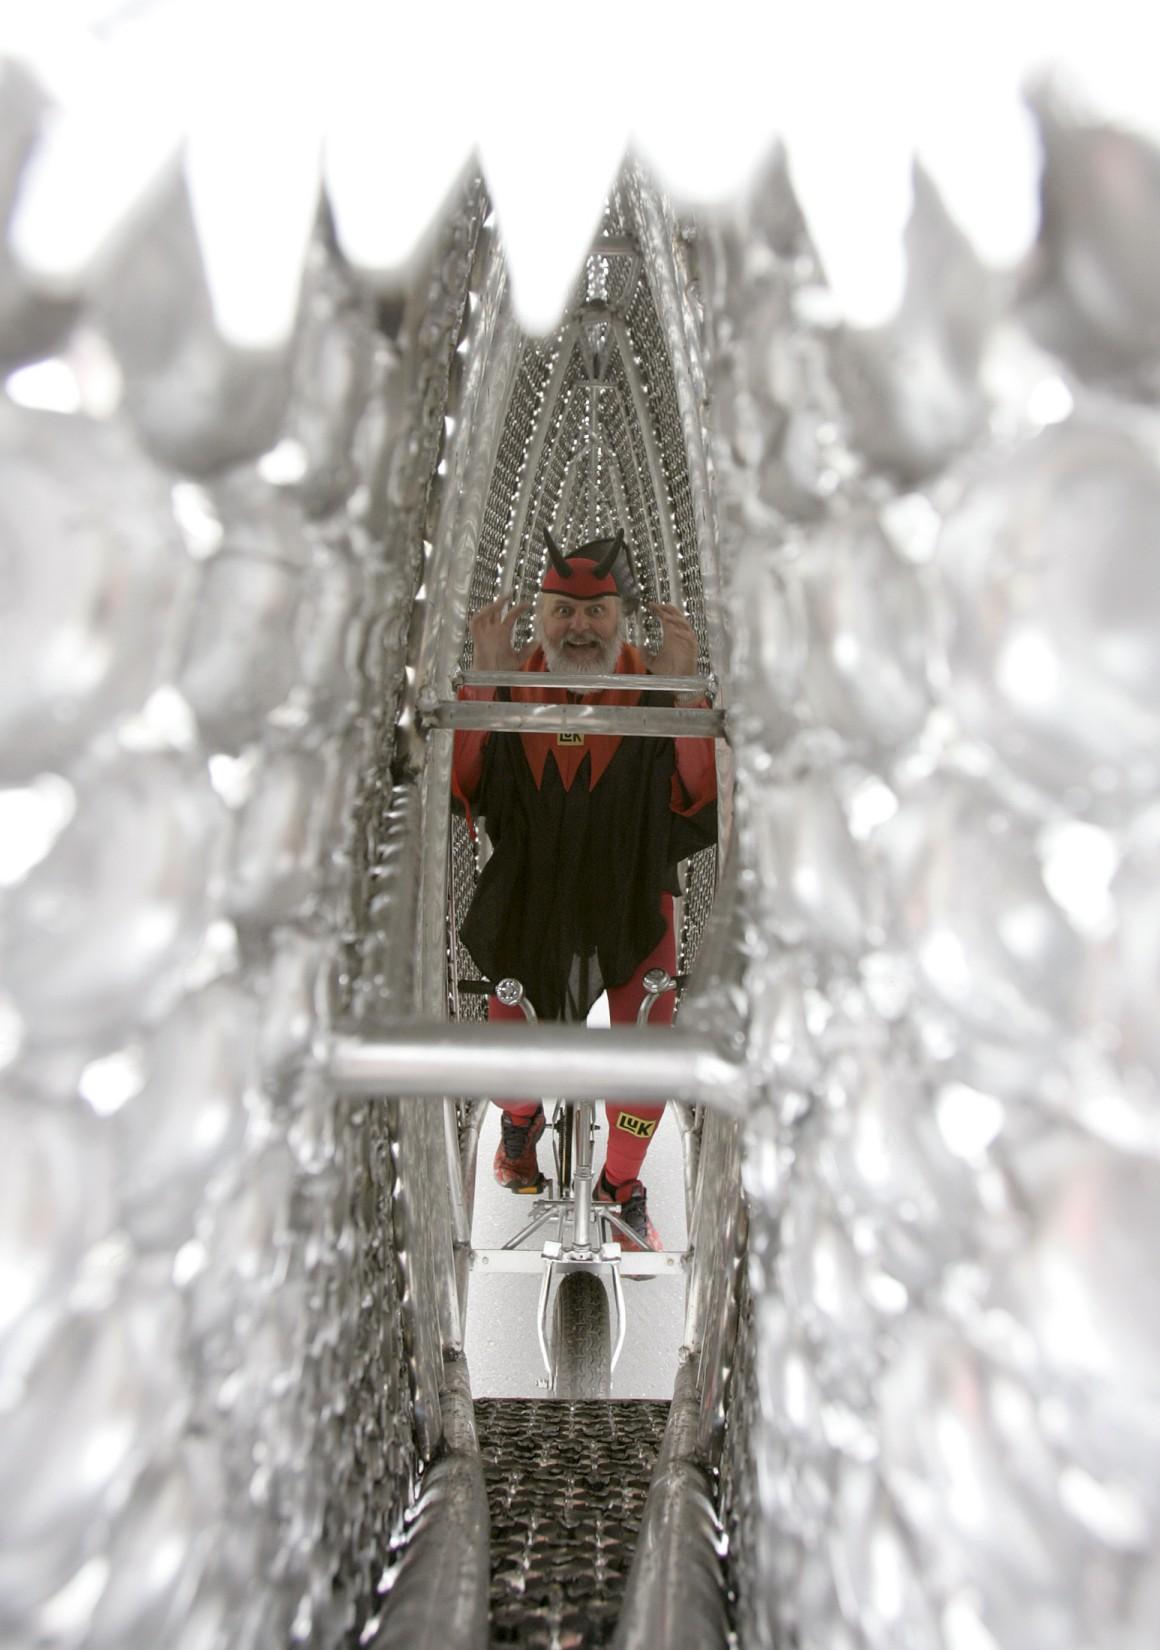 Klingelfisch (Peixe-campainha), em 2007, inclui 10 mil campainhas de bicicletas